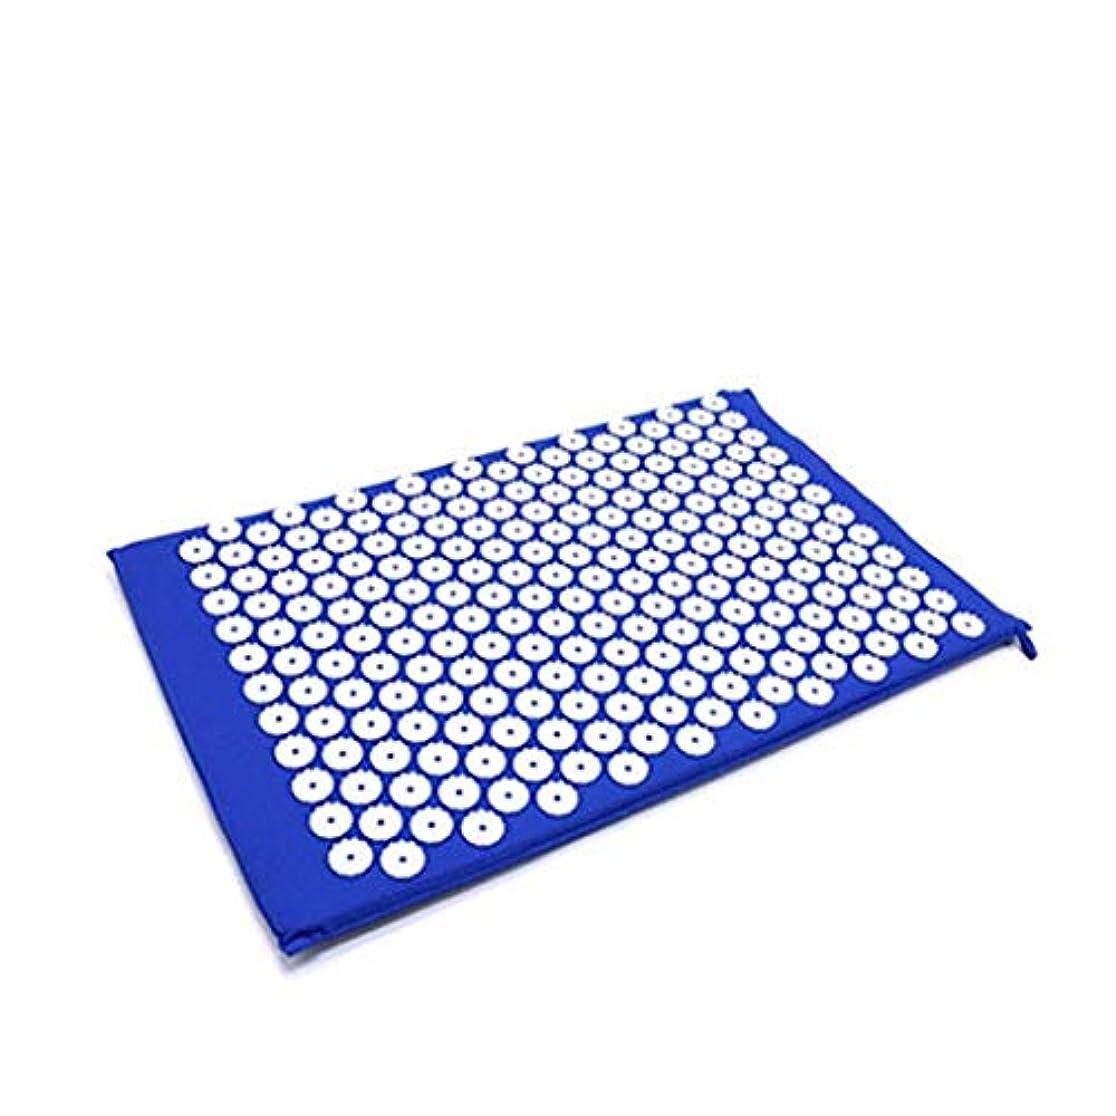 強調する風管理しますヨガマット、マッサージクッション、鍼灸マッサージクッションは、圧力/腰痛指圧クッション/枕、ヨガマットを和らげます (Color : 青, Size : 4)